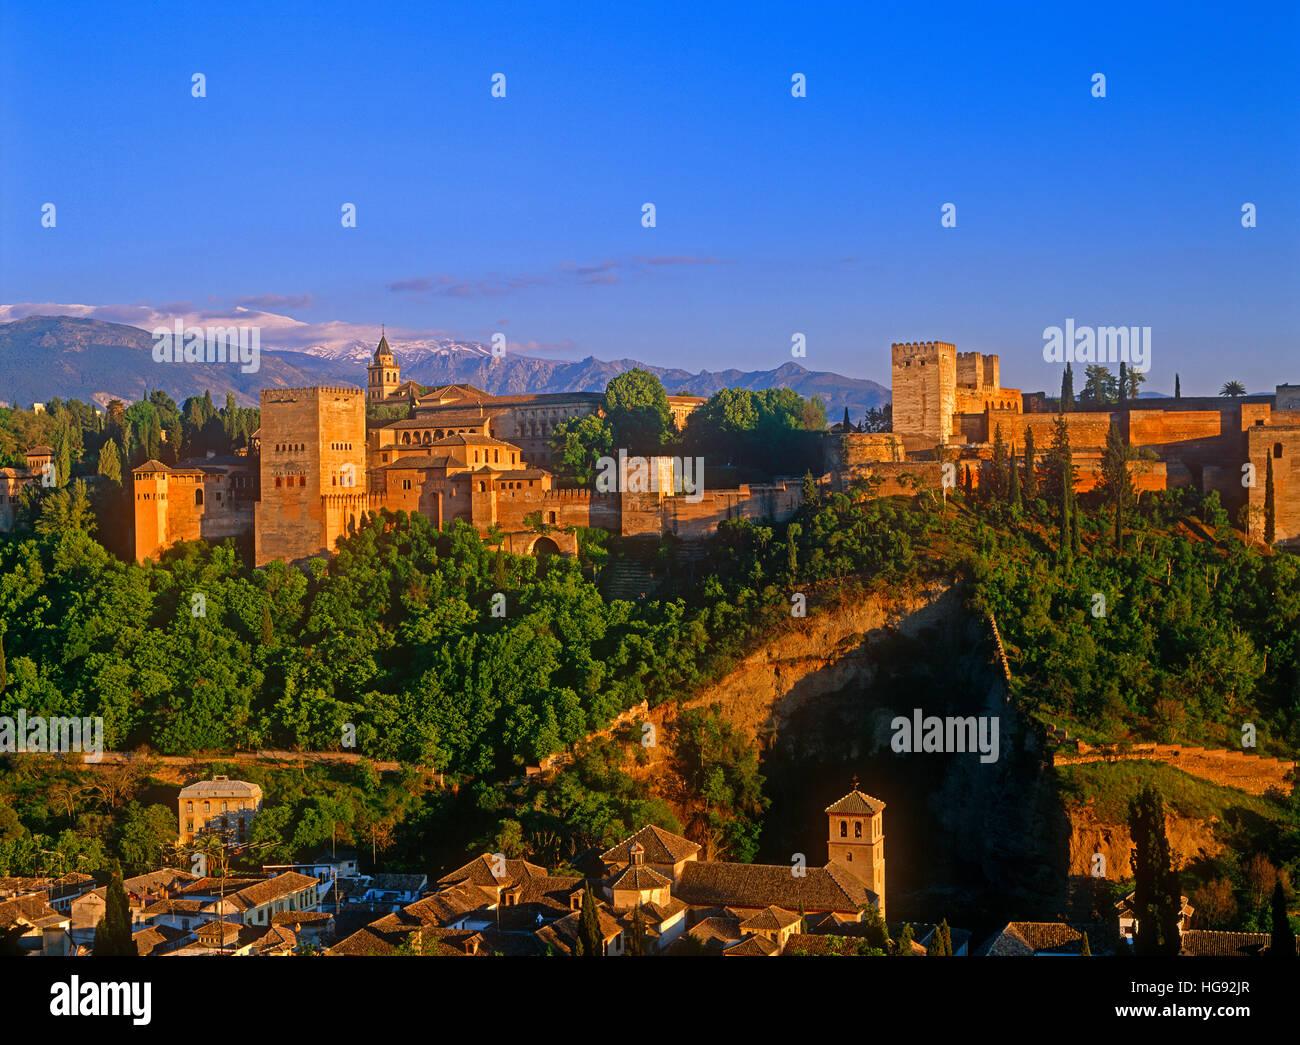 Palacio de la Alhambra y las montañas de Sierra Nevada, Granada, Andalucía, España. Imagen De Stock